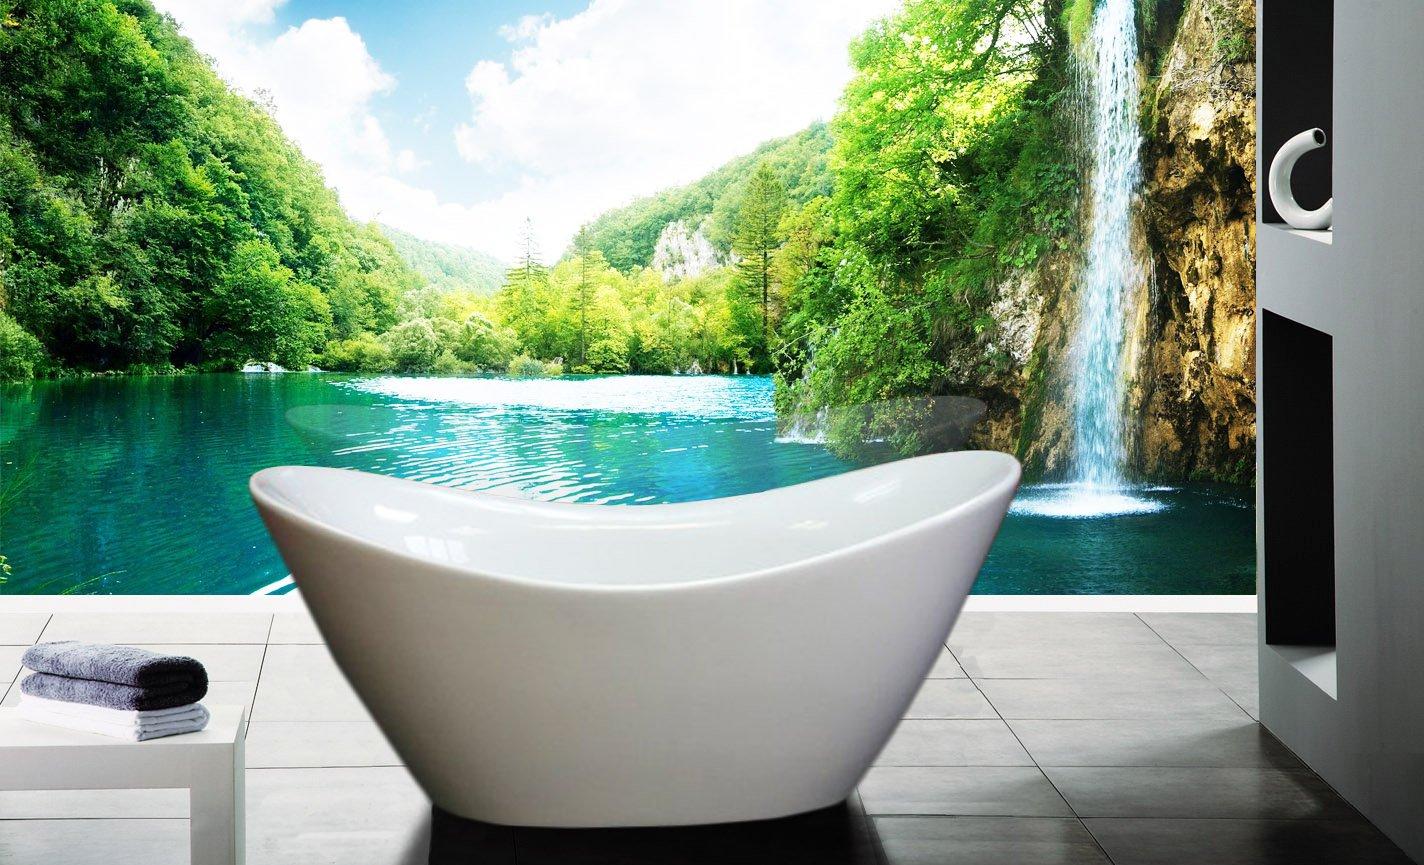 AKDY F210 Free Standing Acrylic Bathtub